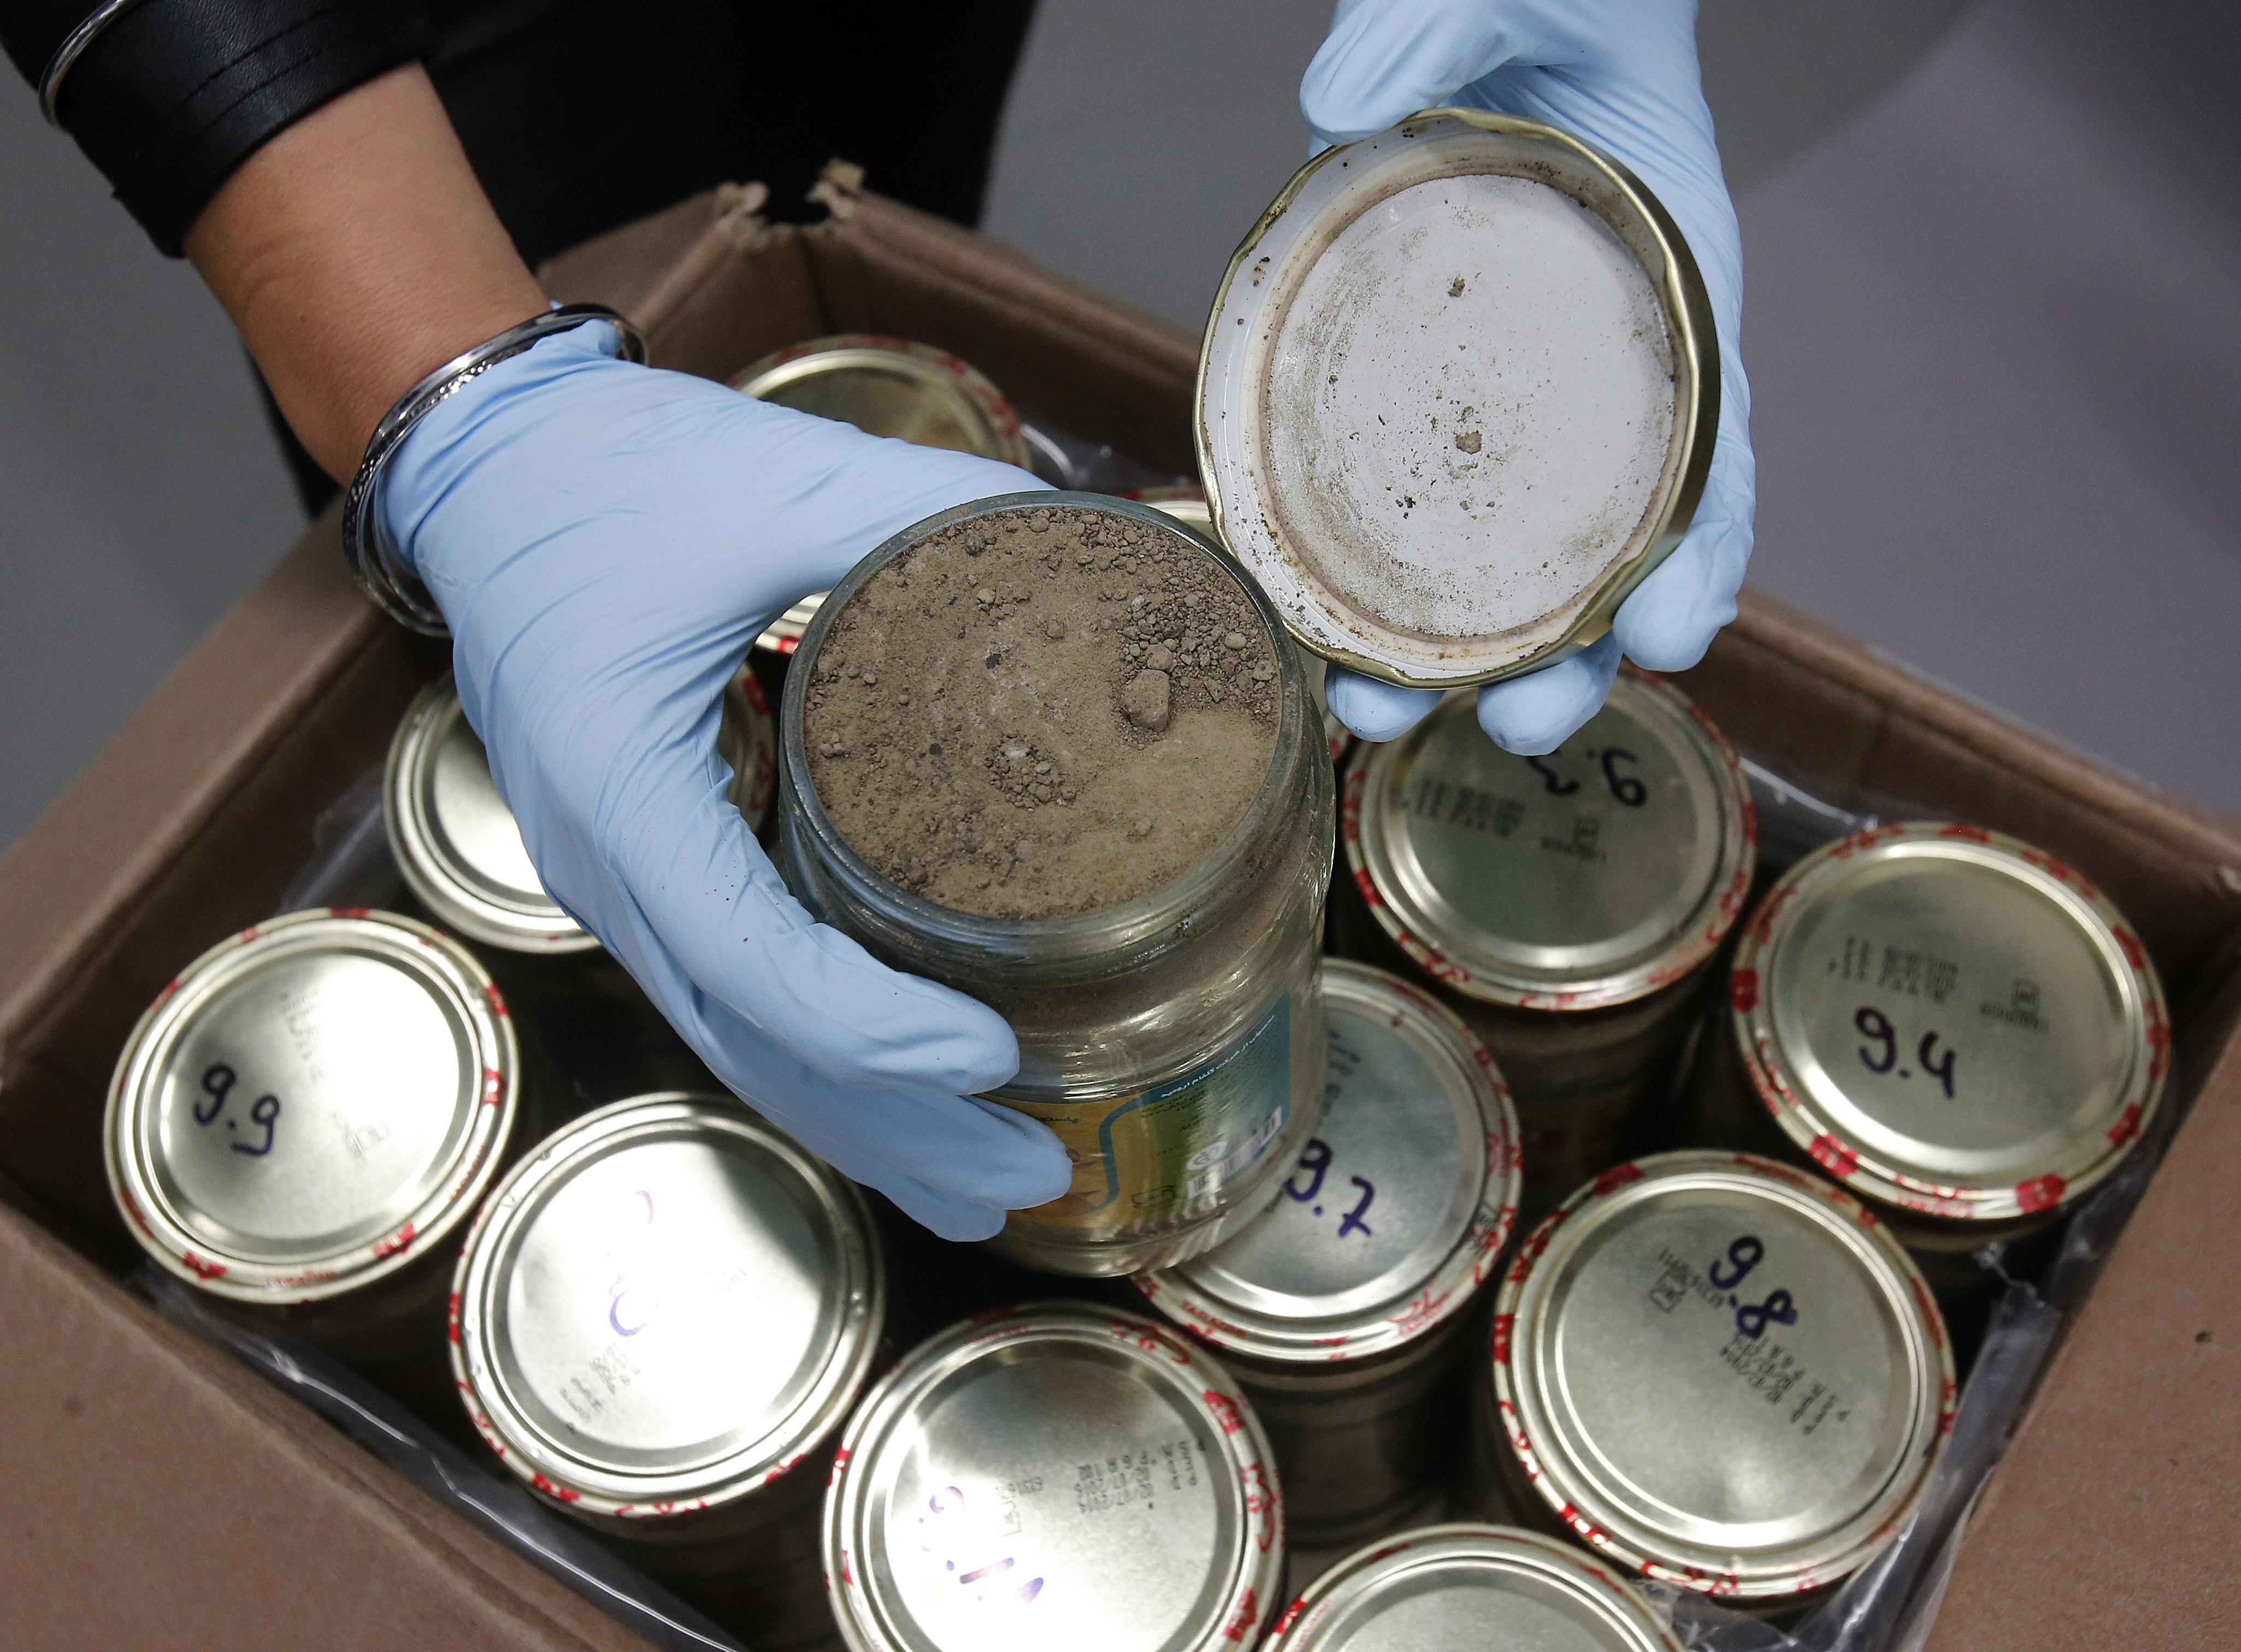 کشف 330 کیلو هروئین داخل ظروف خیارشور صادراتی رژیم ایران به آلمان+عکس